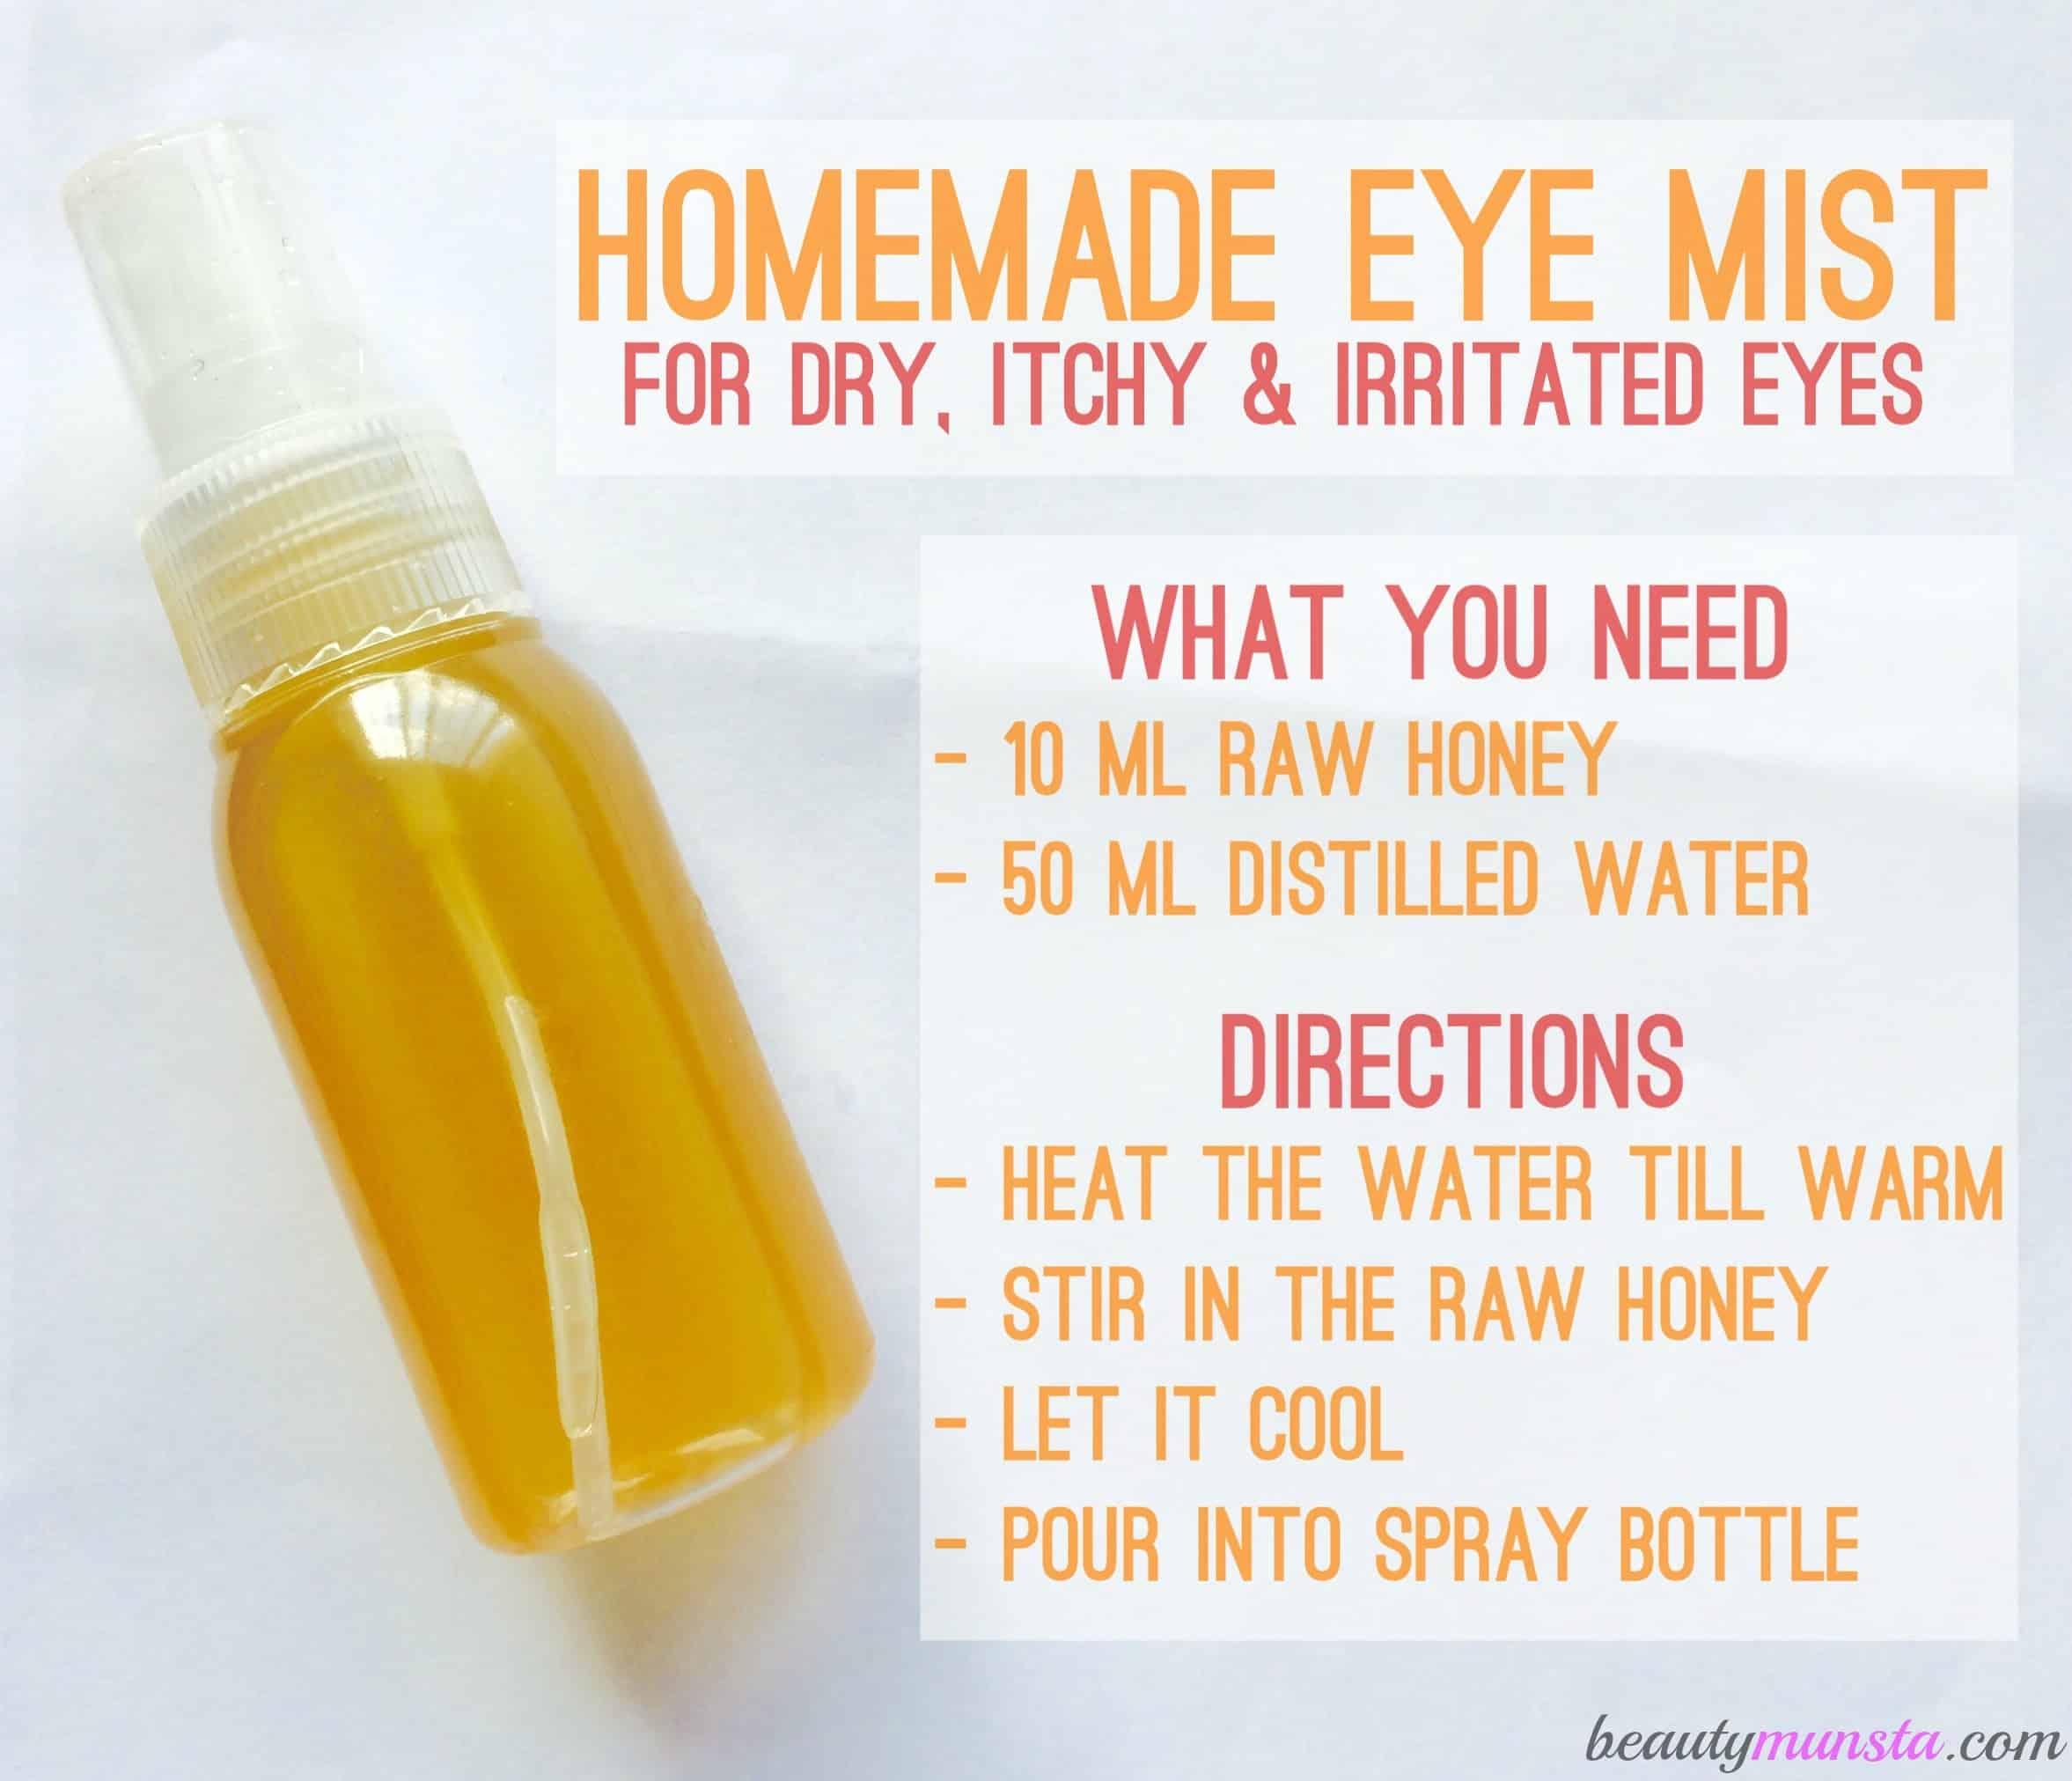 Mild homemade eye mist